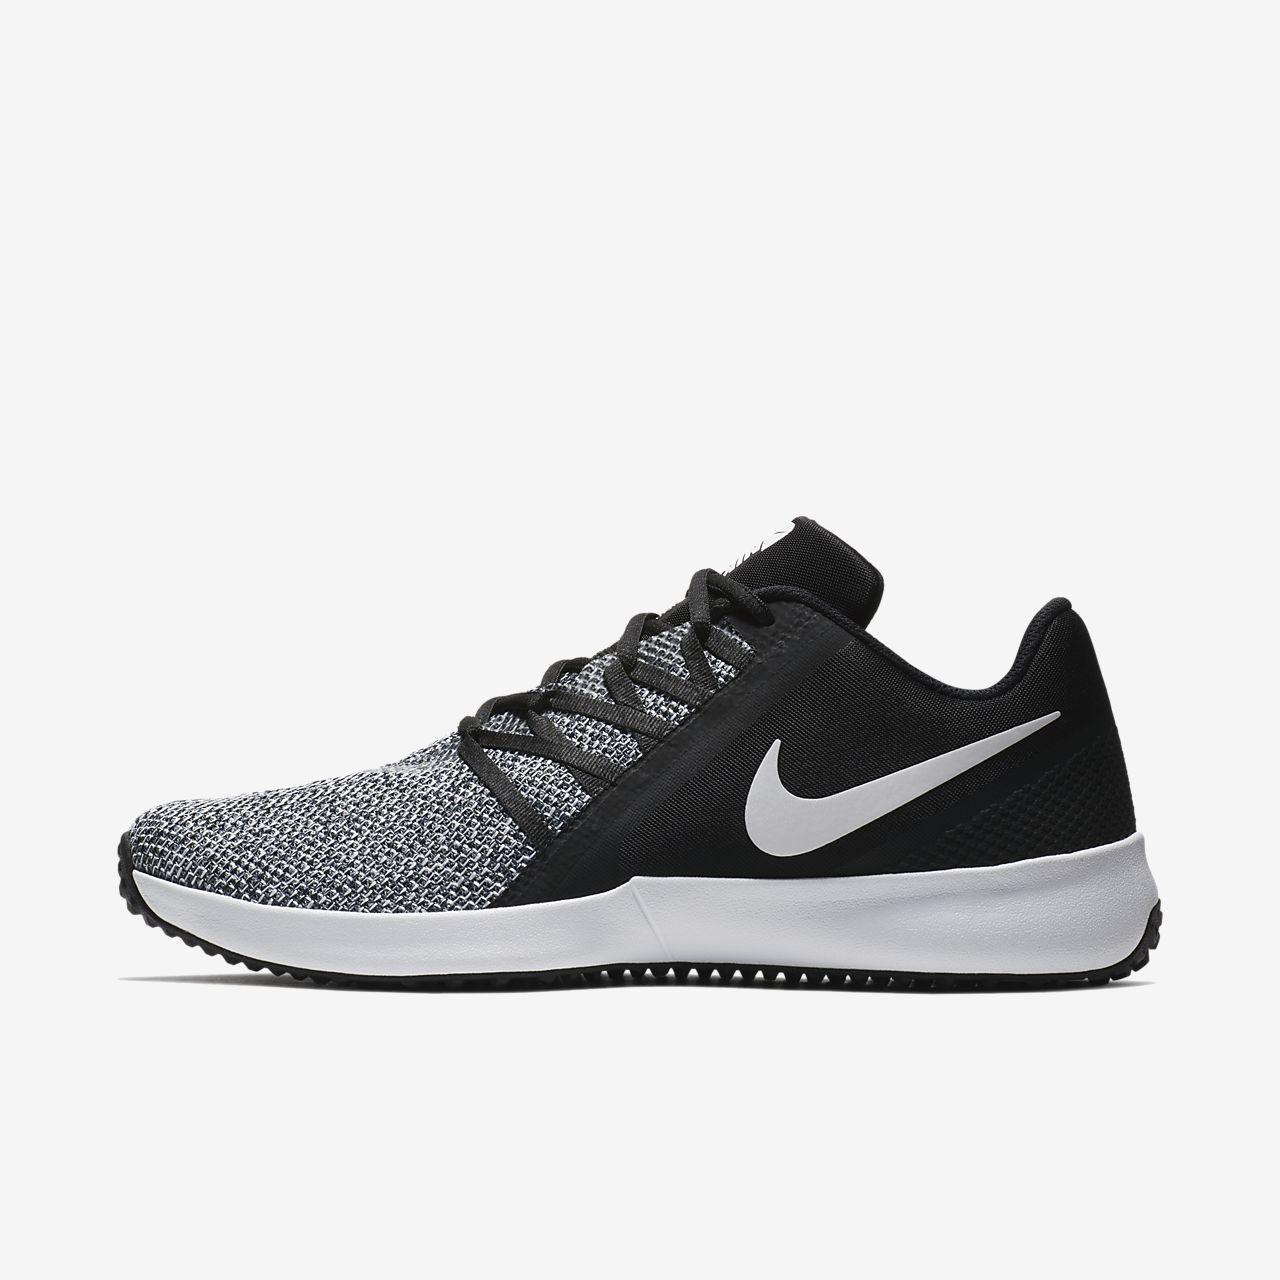 Calzado de gimnasio y entrenamiento para hombre Nike Varsity Compete Trainer 74f0a35332c